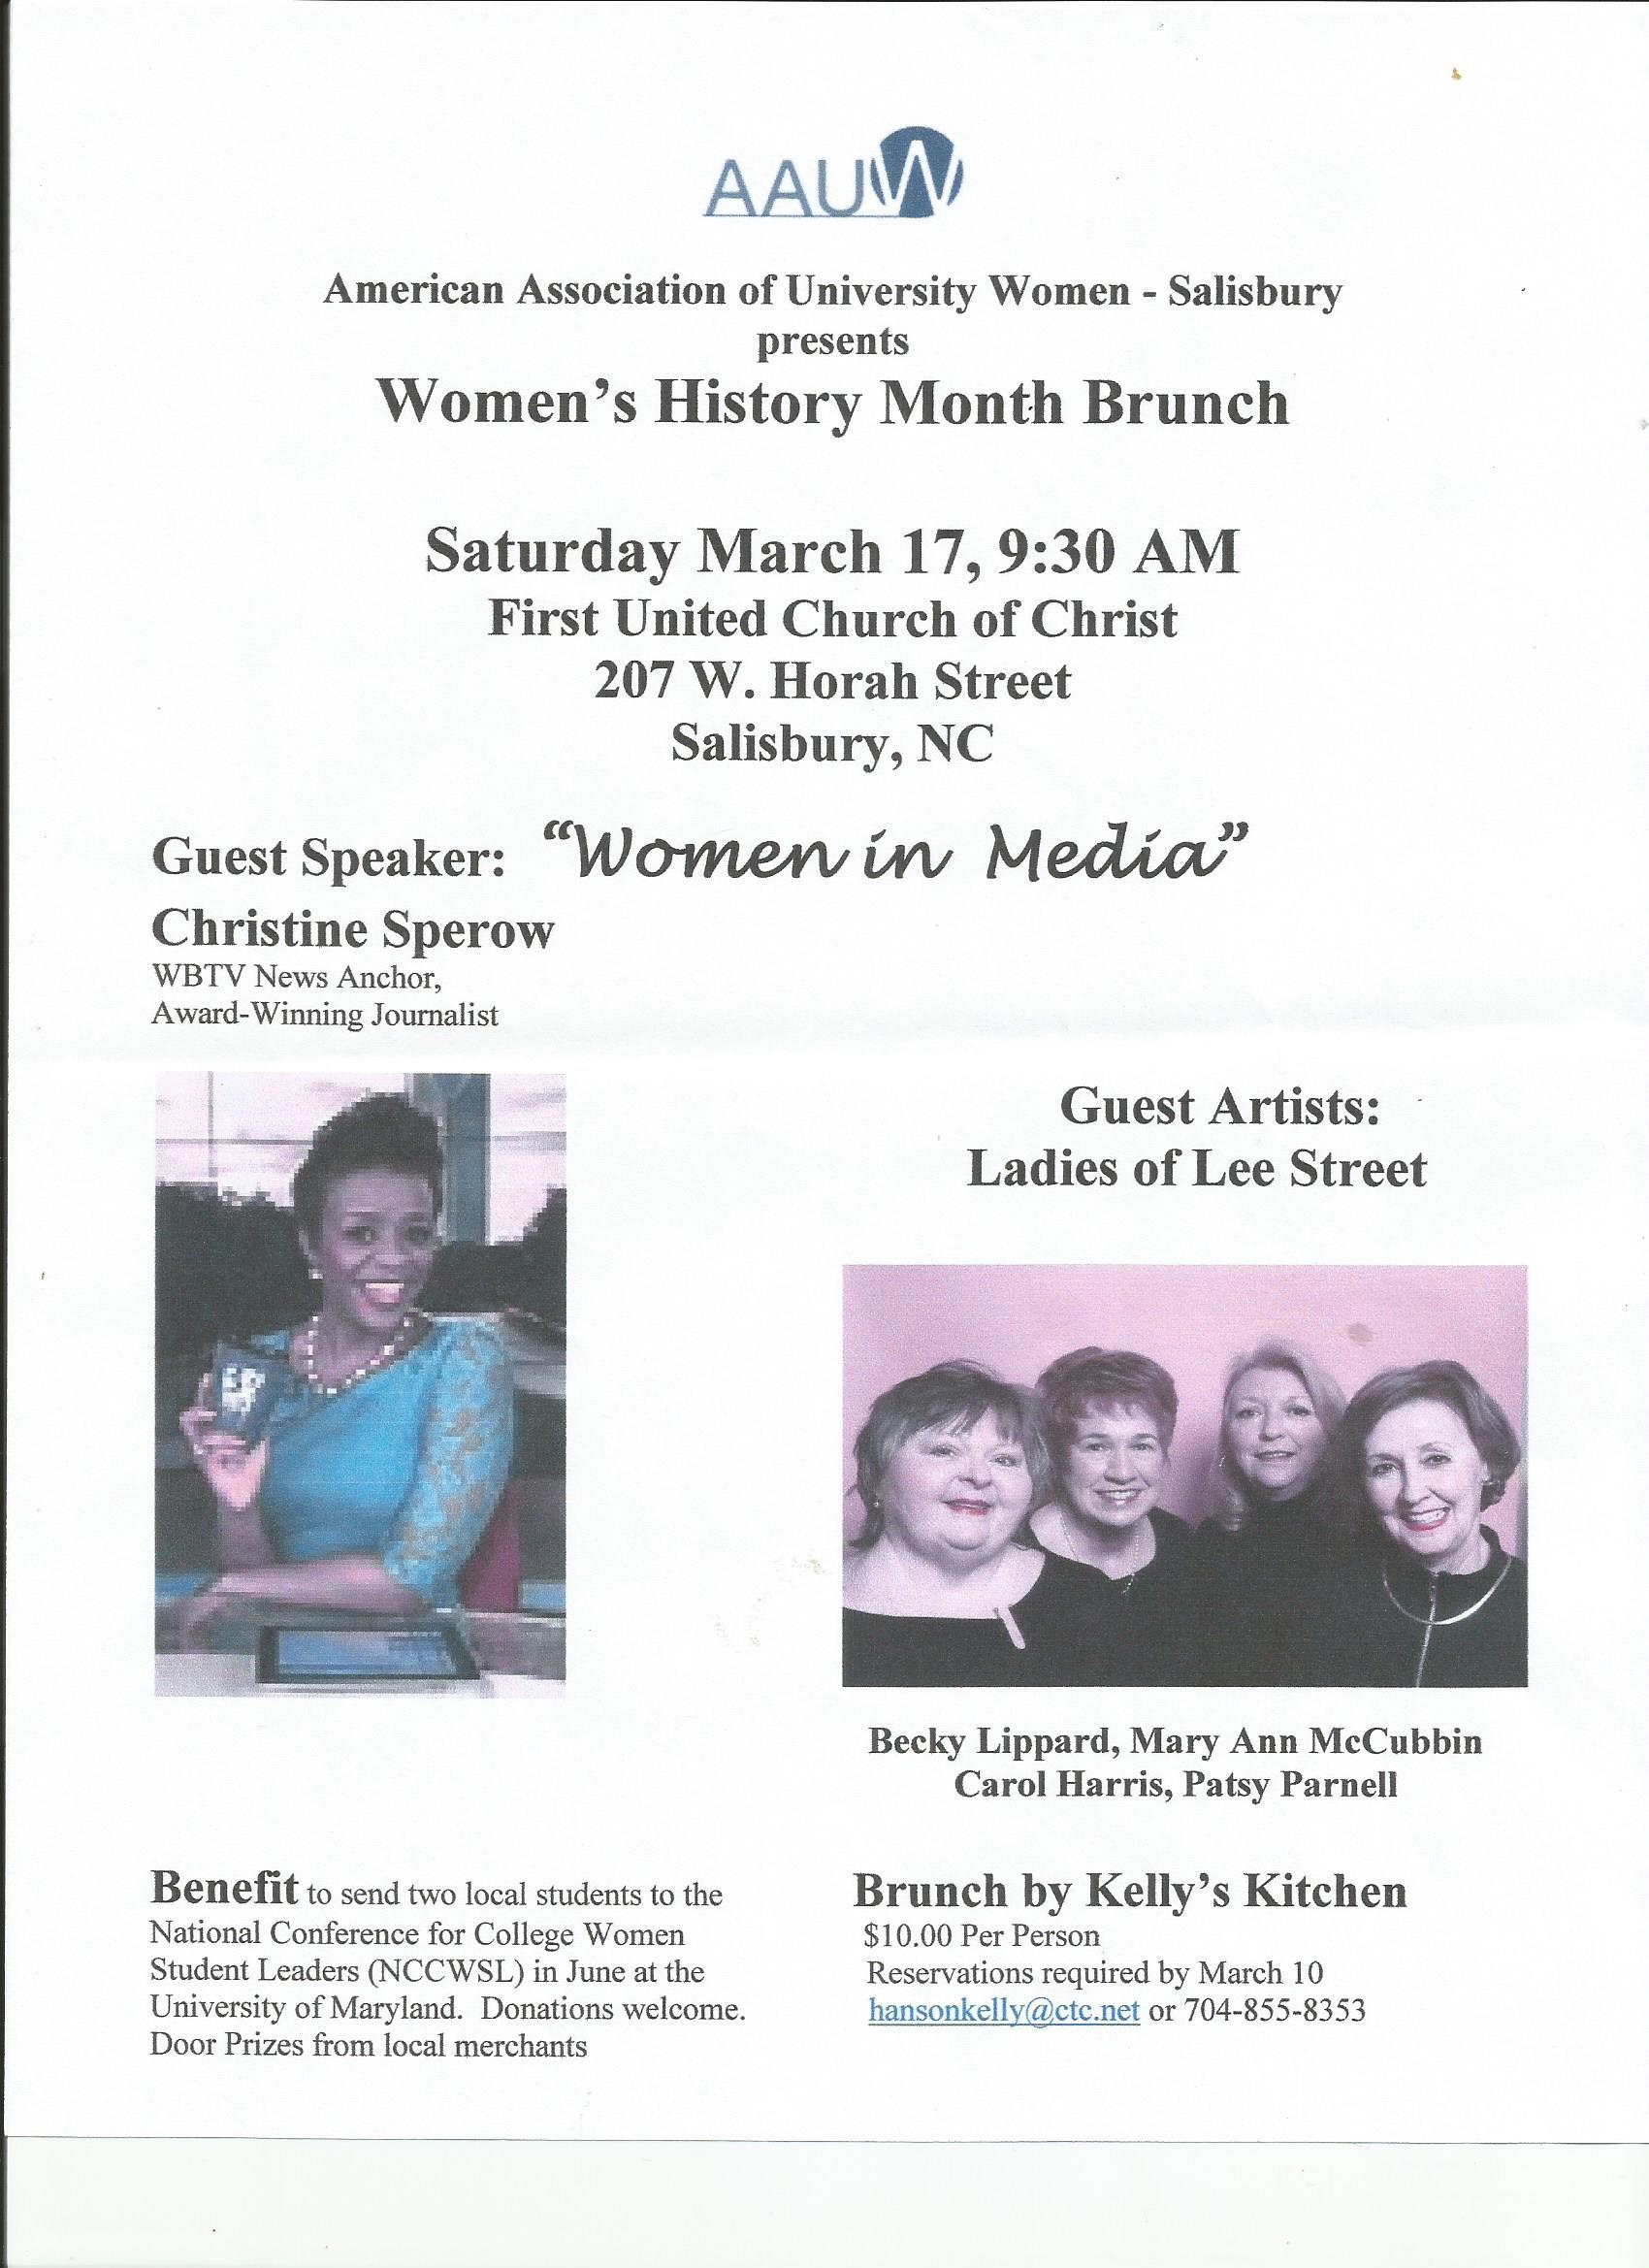 AAUW AAUW March Program 2018 | Salisbury (NC) Branch